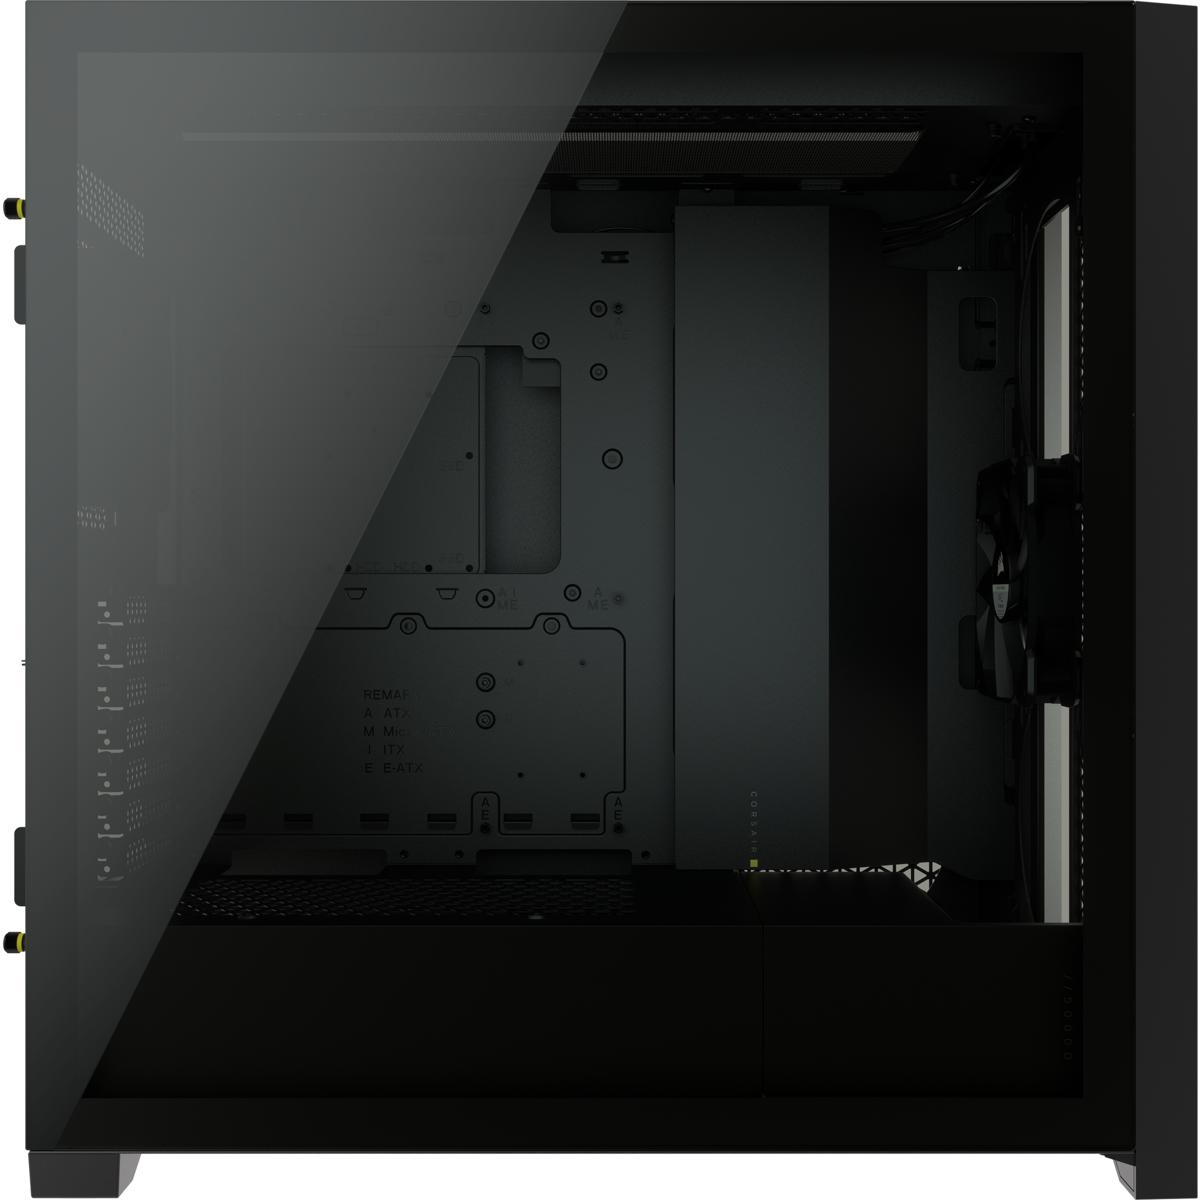 base-5000d-airflow-gallery-5000d-af-black-12